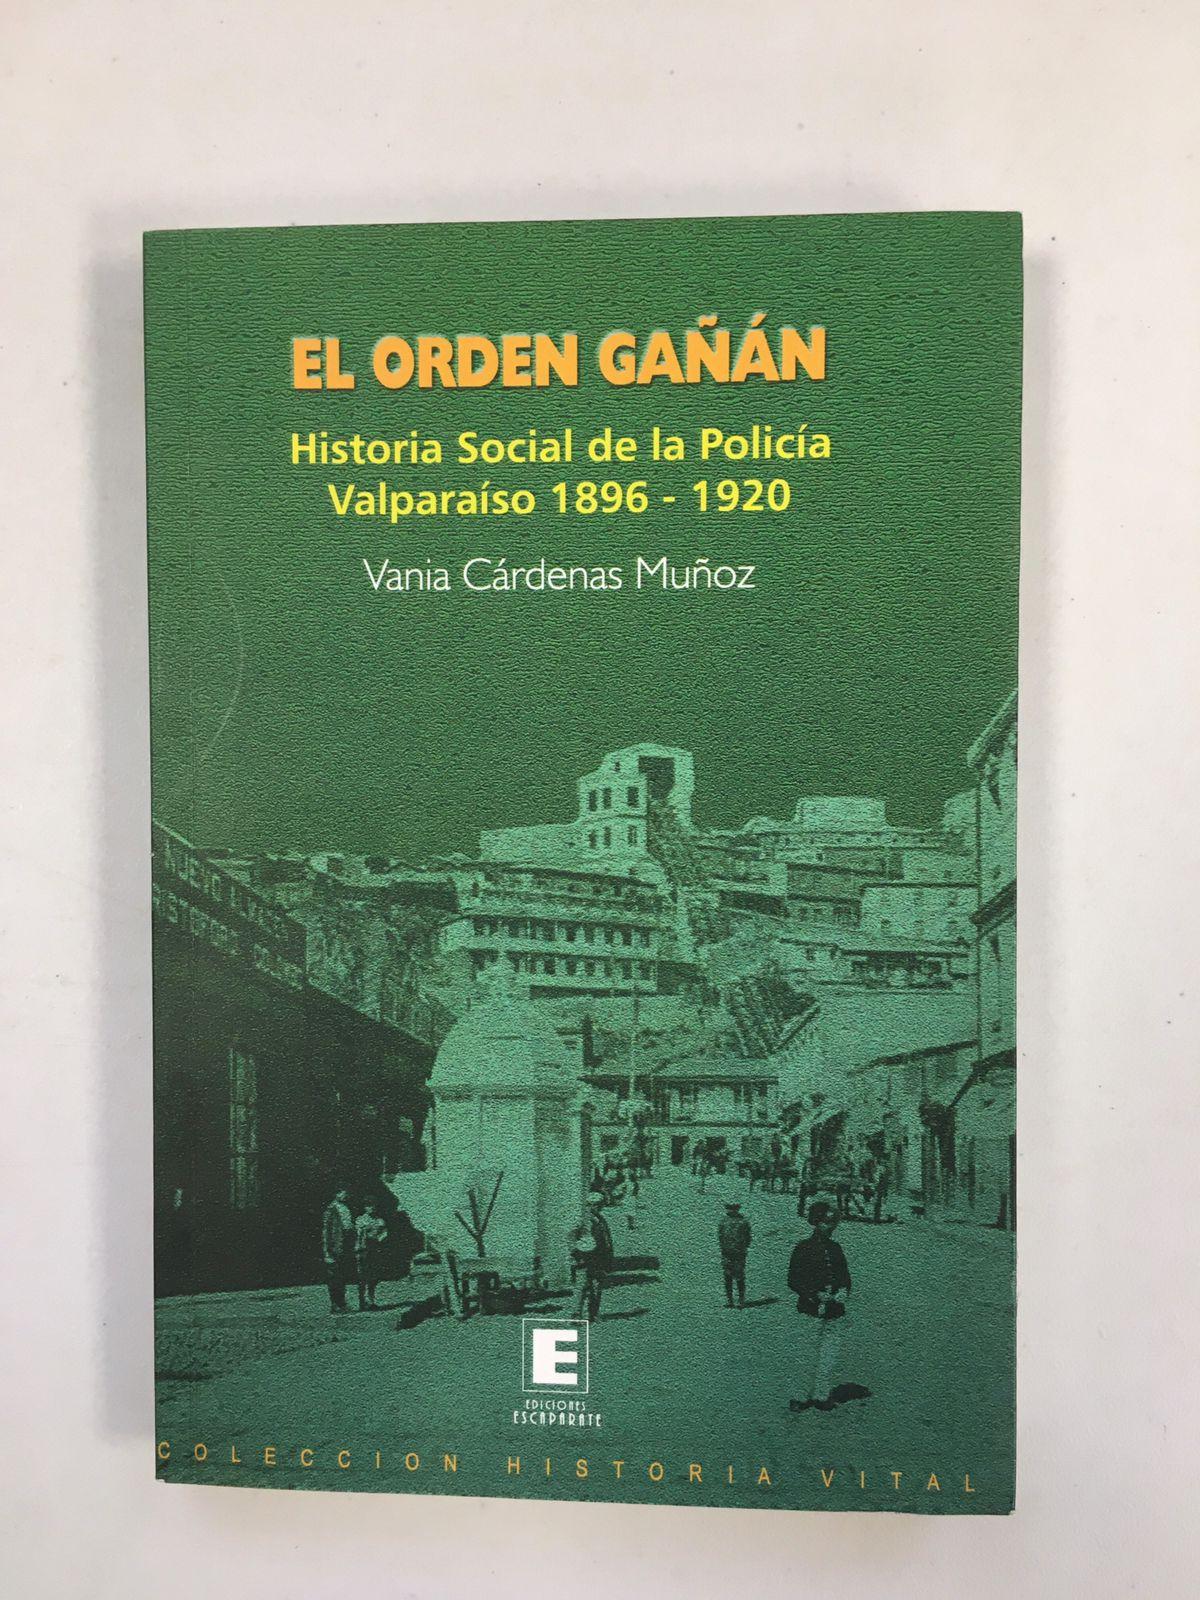 El orden gañán -  Historia social de la policía de Valparaíso 1896 - 1920